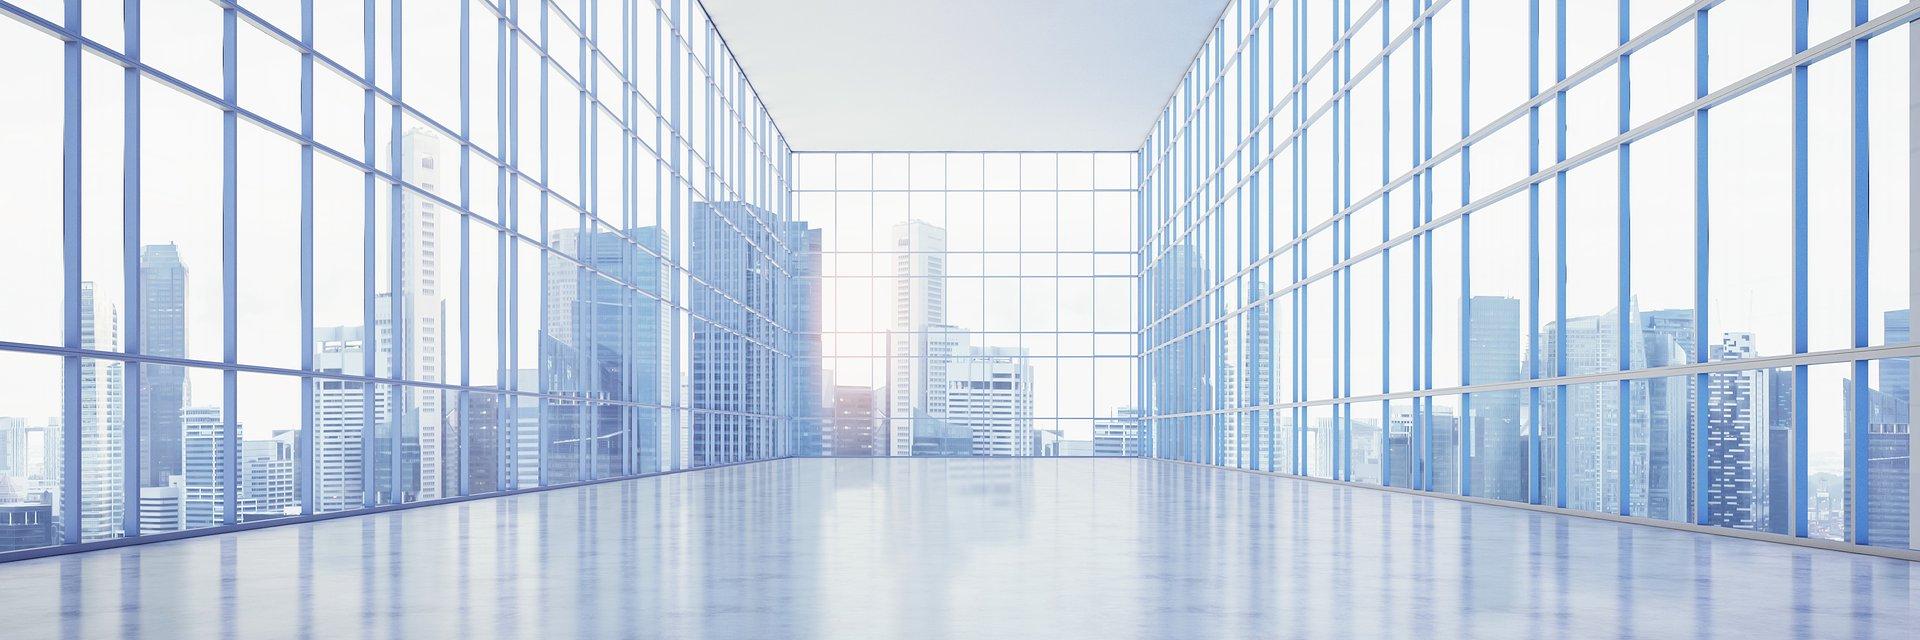 Technologia pochłania nawet 12% budżetu wybudowania biurowca. Te wydatki będą rosnąć